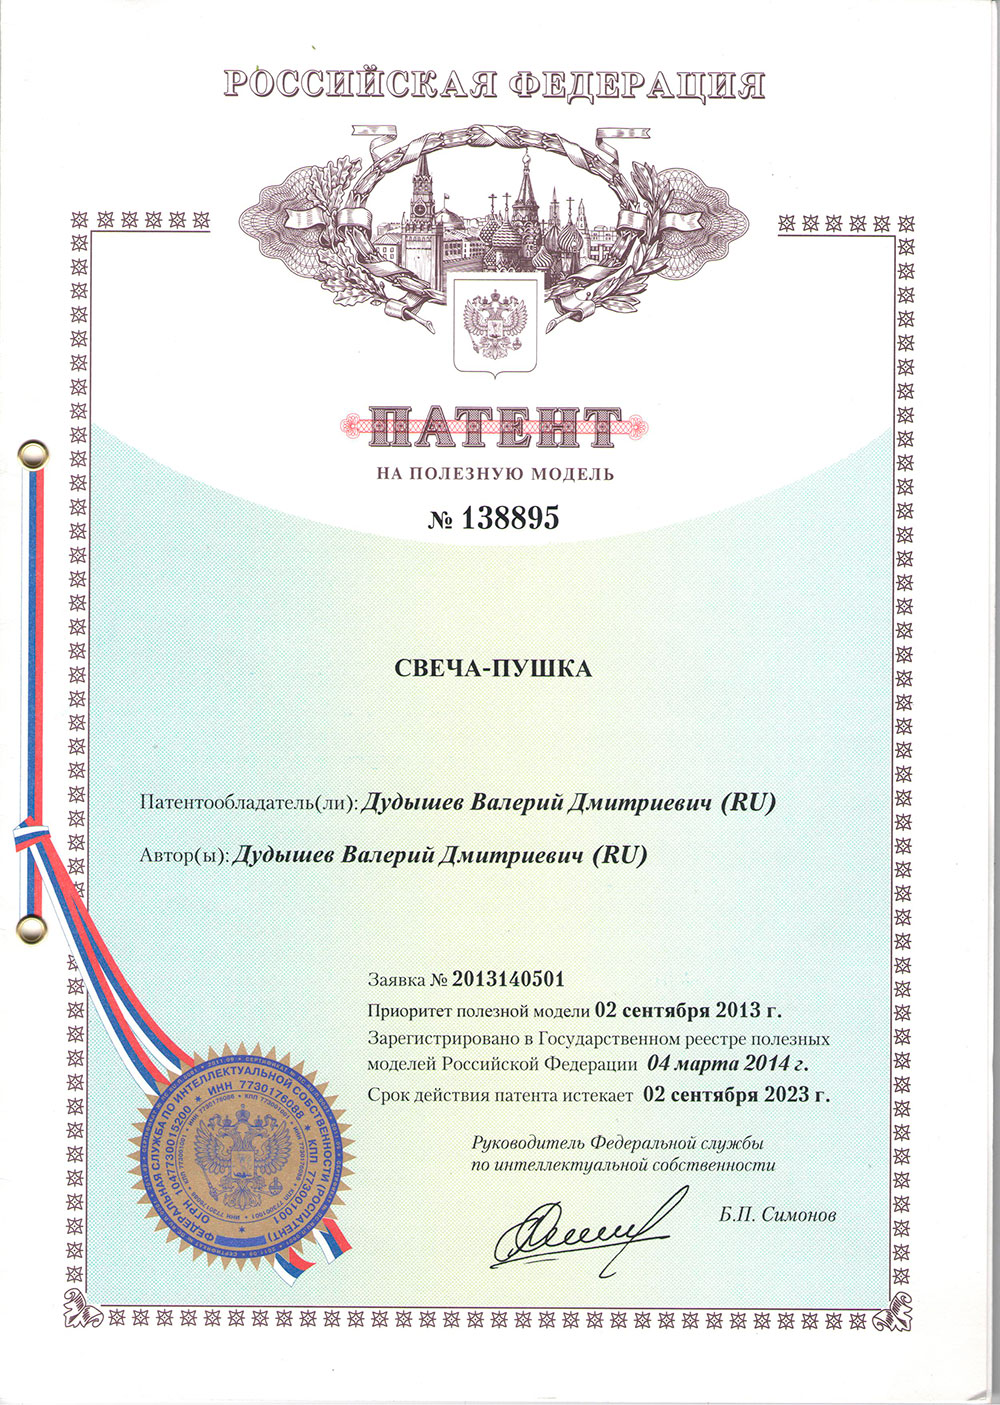 Патент Дудышева Валерия Дмитриевича на свечи-пушки